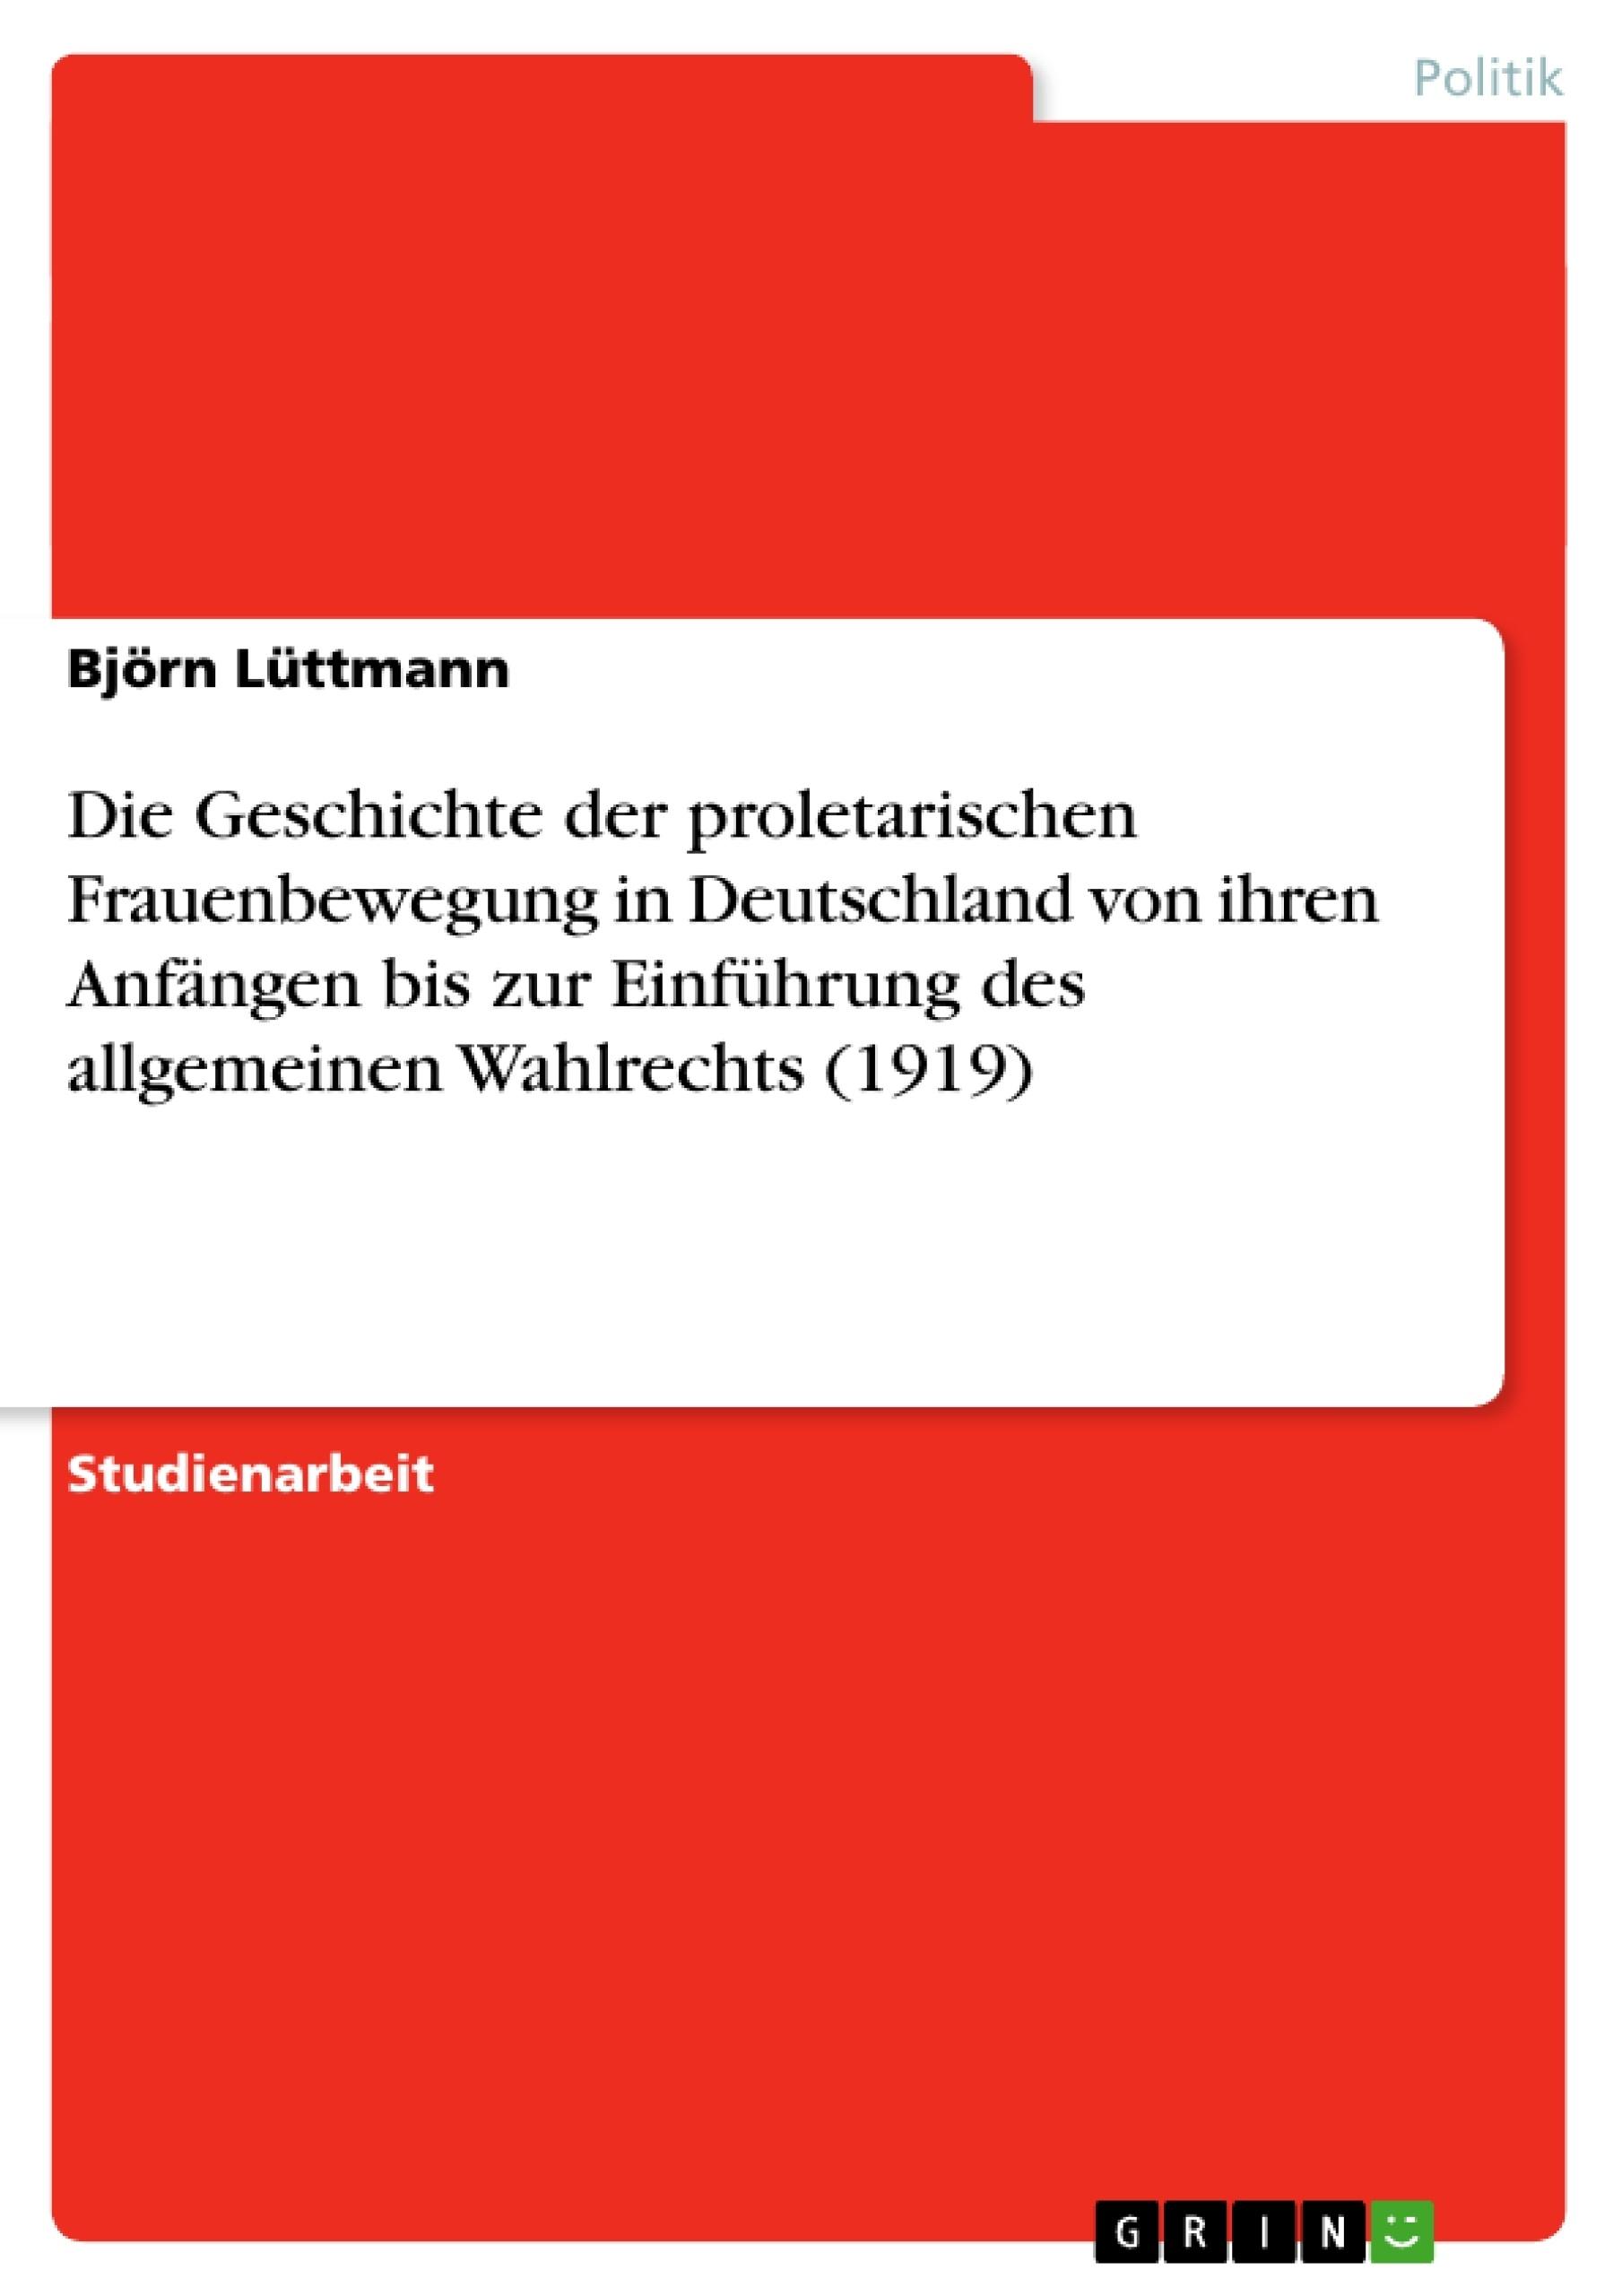 Titel: Die Geschichte der proletarischen Frauenbewegung in Deutschland von ihren Anfängen bis zur Einführung des allgemeinen Wahlrechts (1919)